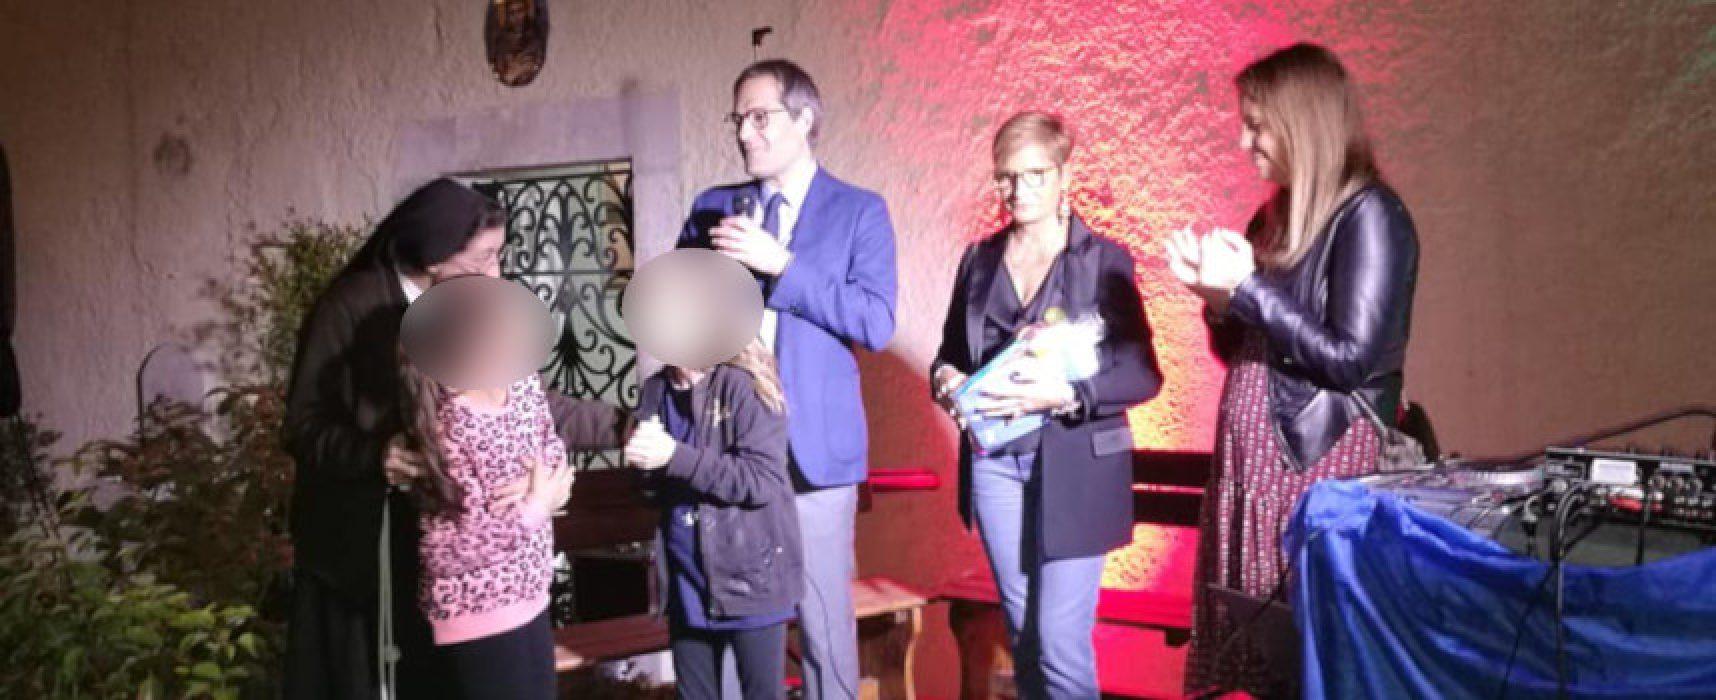 Villa Giulia festeggia i 70 anni della struttura, l'omaggio del sindaco Angarano